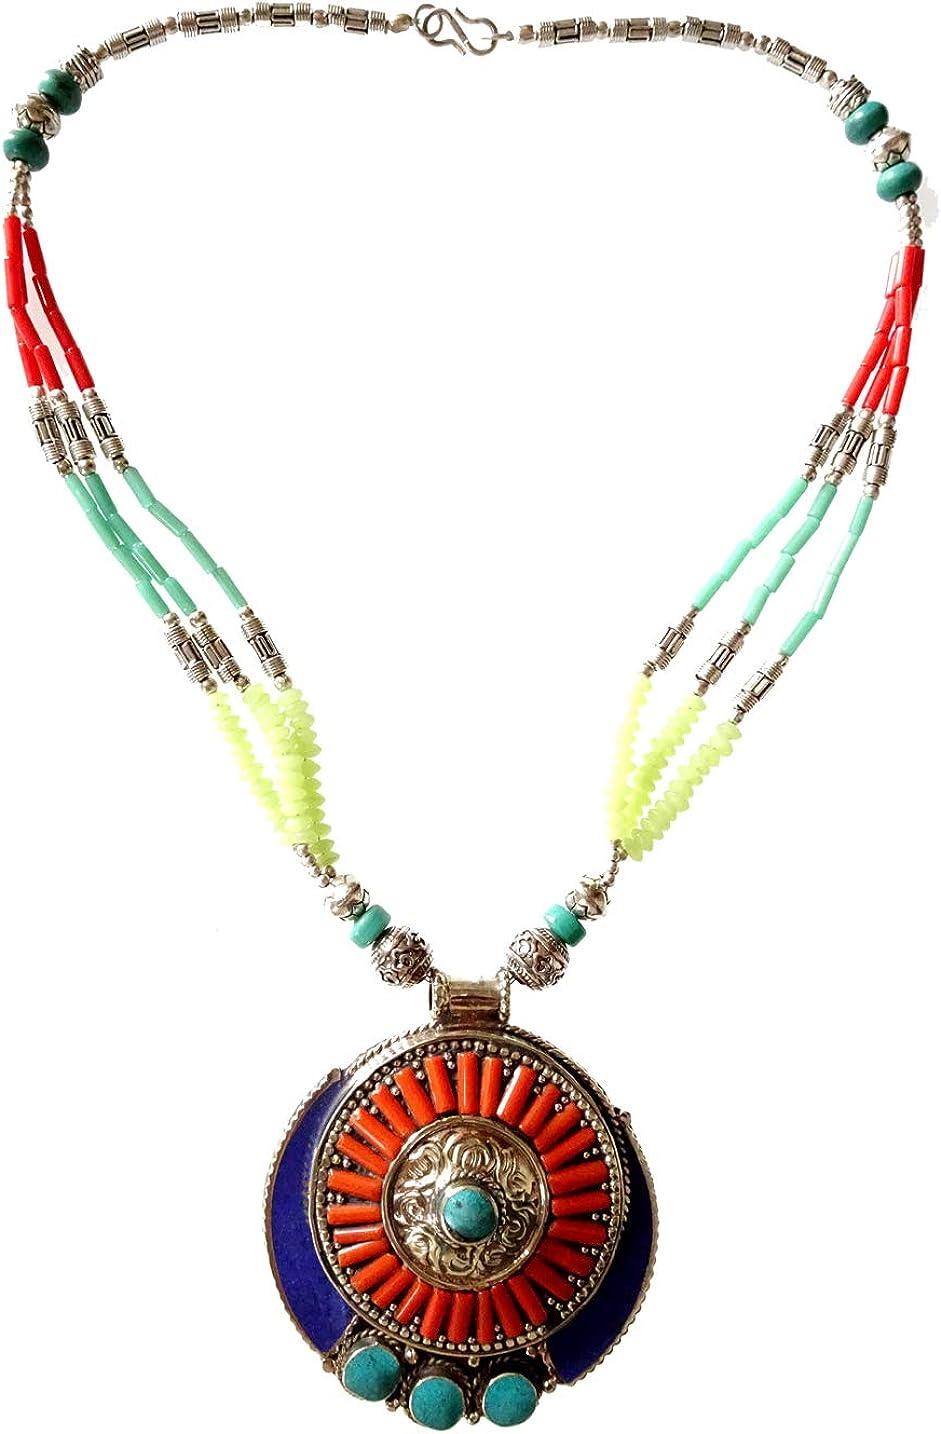 Coral rojo Lapislázuli azul turquesa verde piedras preciosas collar de moda para mujer niña hecho a mano Tribal étnico Colgante largo de hebra Grabado fino Budista Boho Gargantilla Collar tibetano